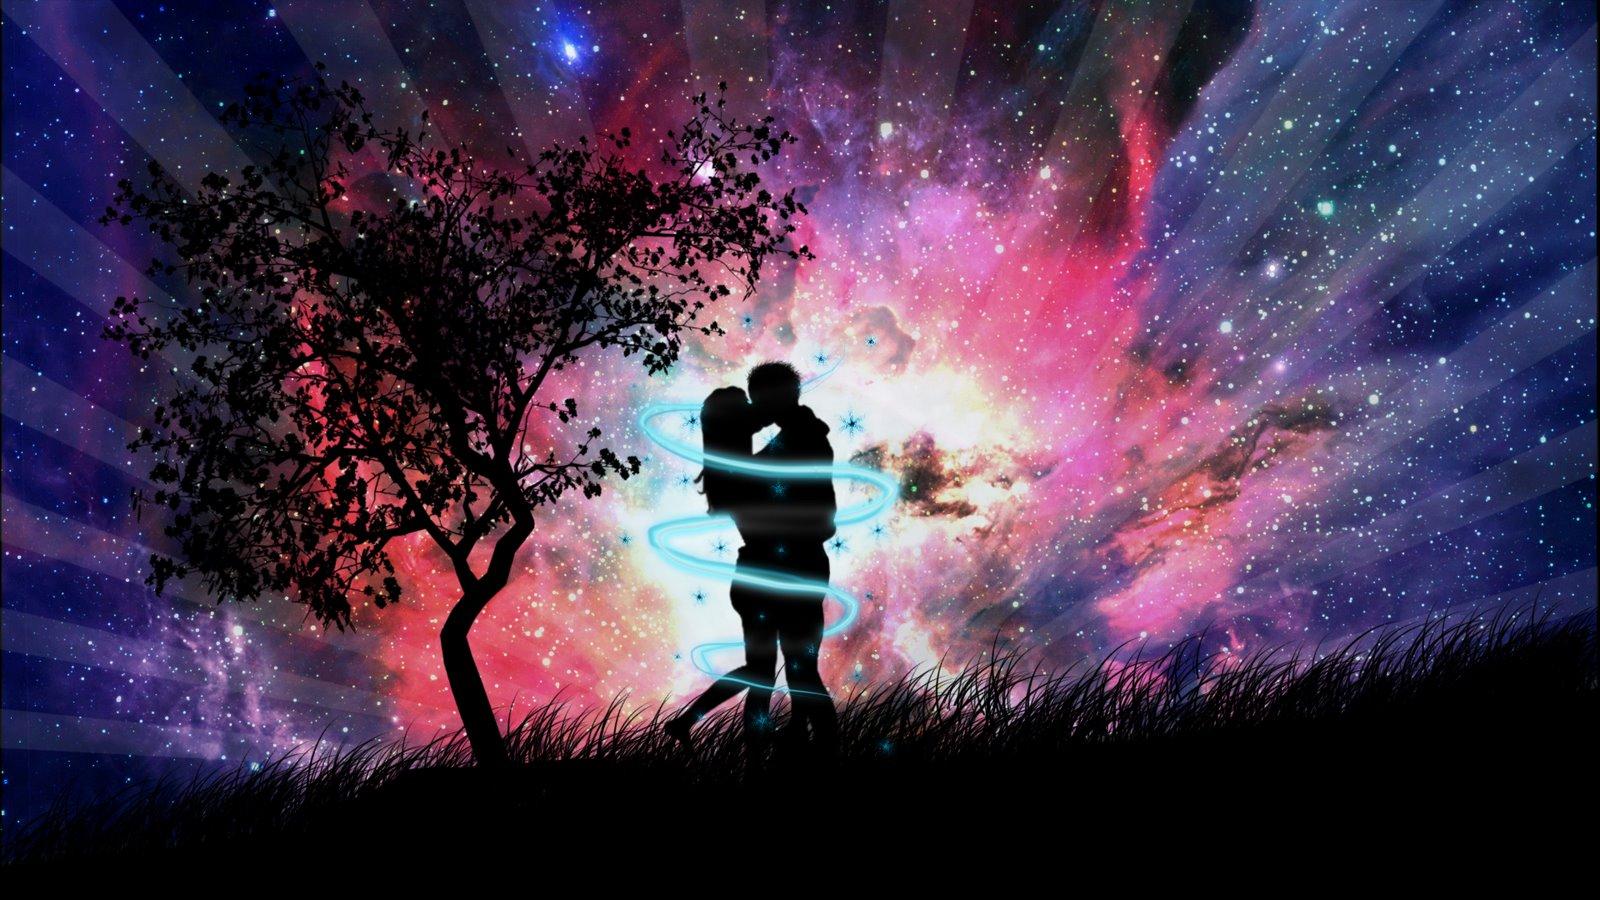 http://4.bp.blogspot.com/-xX8CK5UNtRk/SSA5xewgeiI/AAAAAAAAAGs/uK-t53E5i7E/s1600/Love+Couple+In+The+Night.jpg